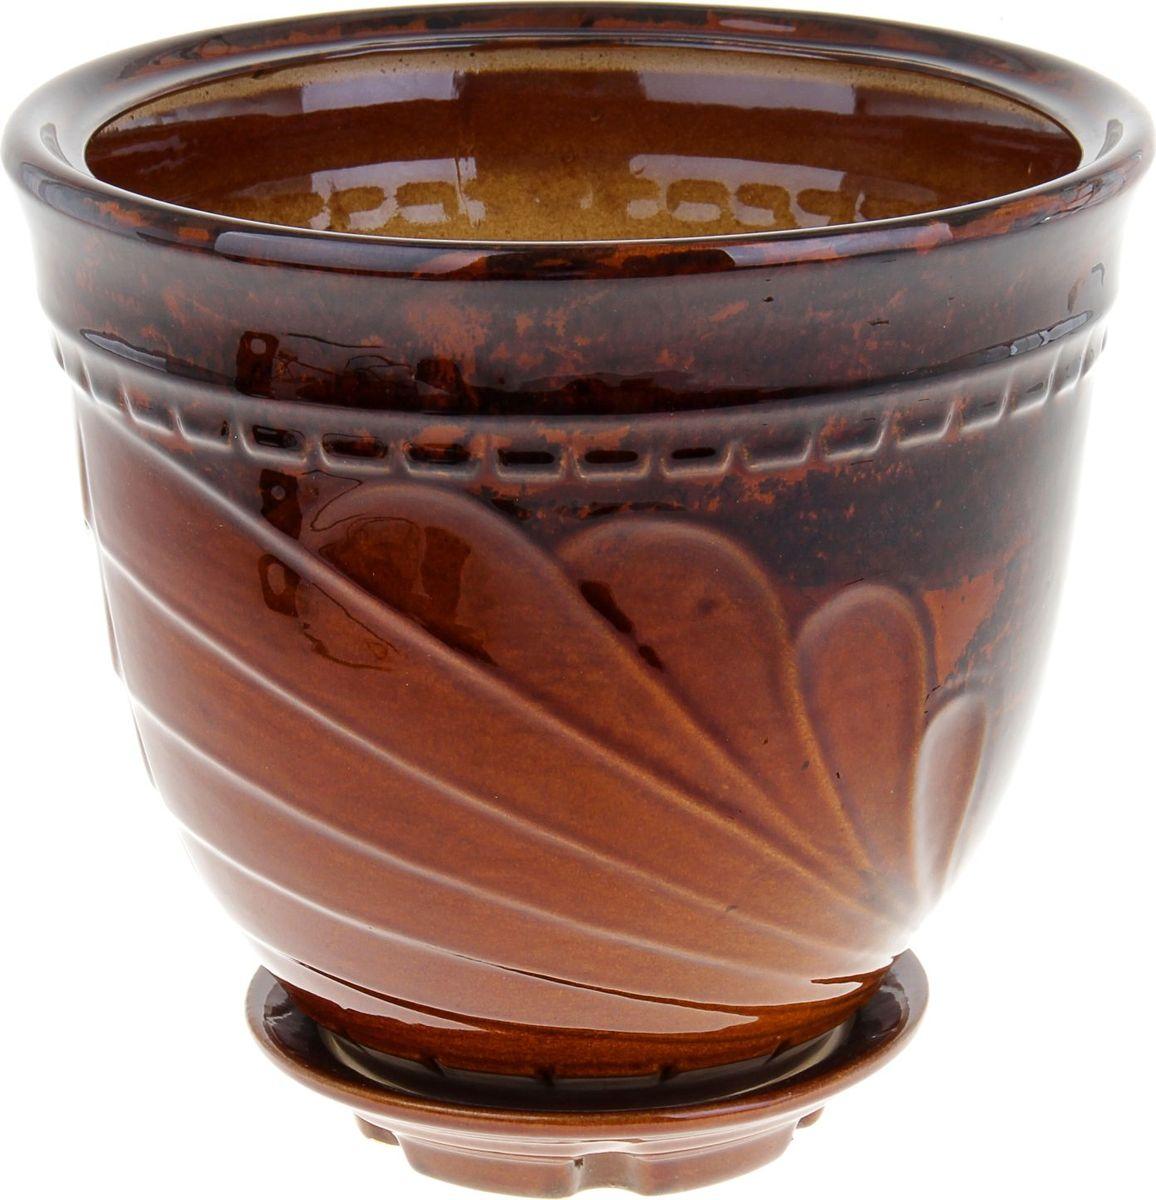 Кашпо Ландыш, цвет: коричневый, 6,9 л838589Комнатные растения — всеобщие любимцы. Они радуют глаз, насыщают помещение кислородом и украшают пространство. Каждому из них необходим свой удобный и красивый дом. Кашпо из керамики прекрасно подходят для высадки растений: за счёт пластичности глины и разных способов обработки существует великое множество форм и дизайновпористый материал позволяет испаряться лишней влагевоздух, необходимый для дыхания корней, проникает сквозь керамические стенки! #name# позаботится о зелёном питомце, освежит интерьер и подчеркнёт его стиль.